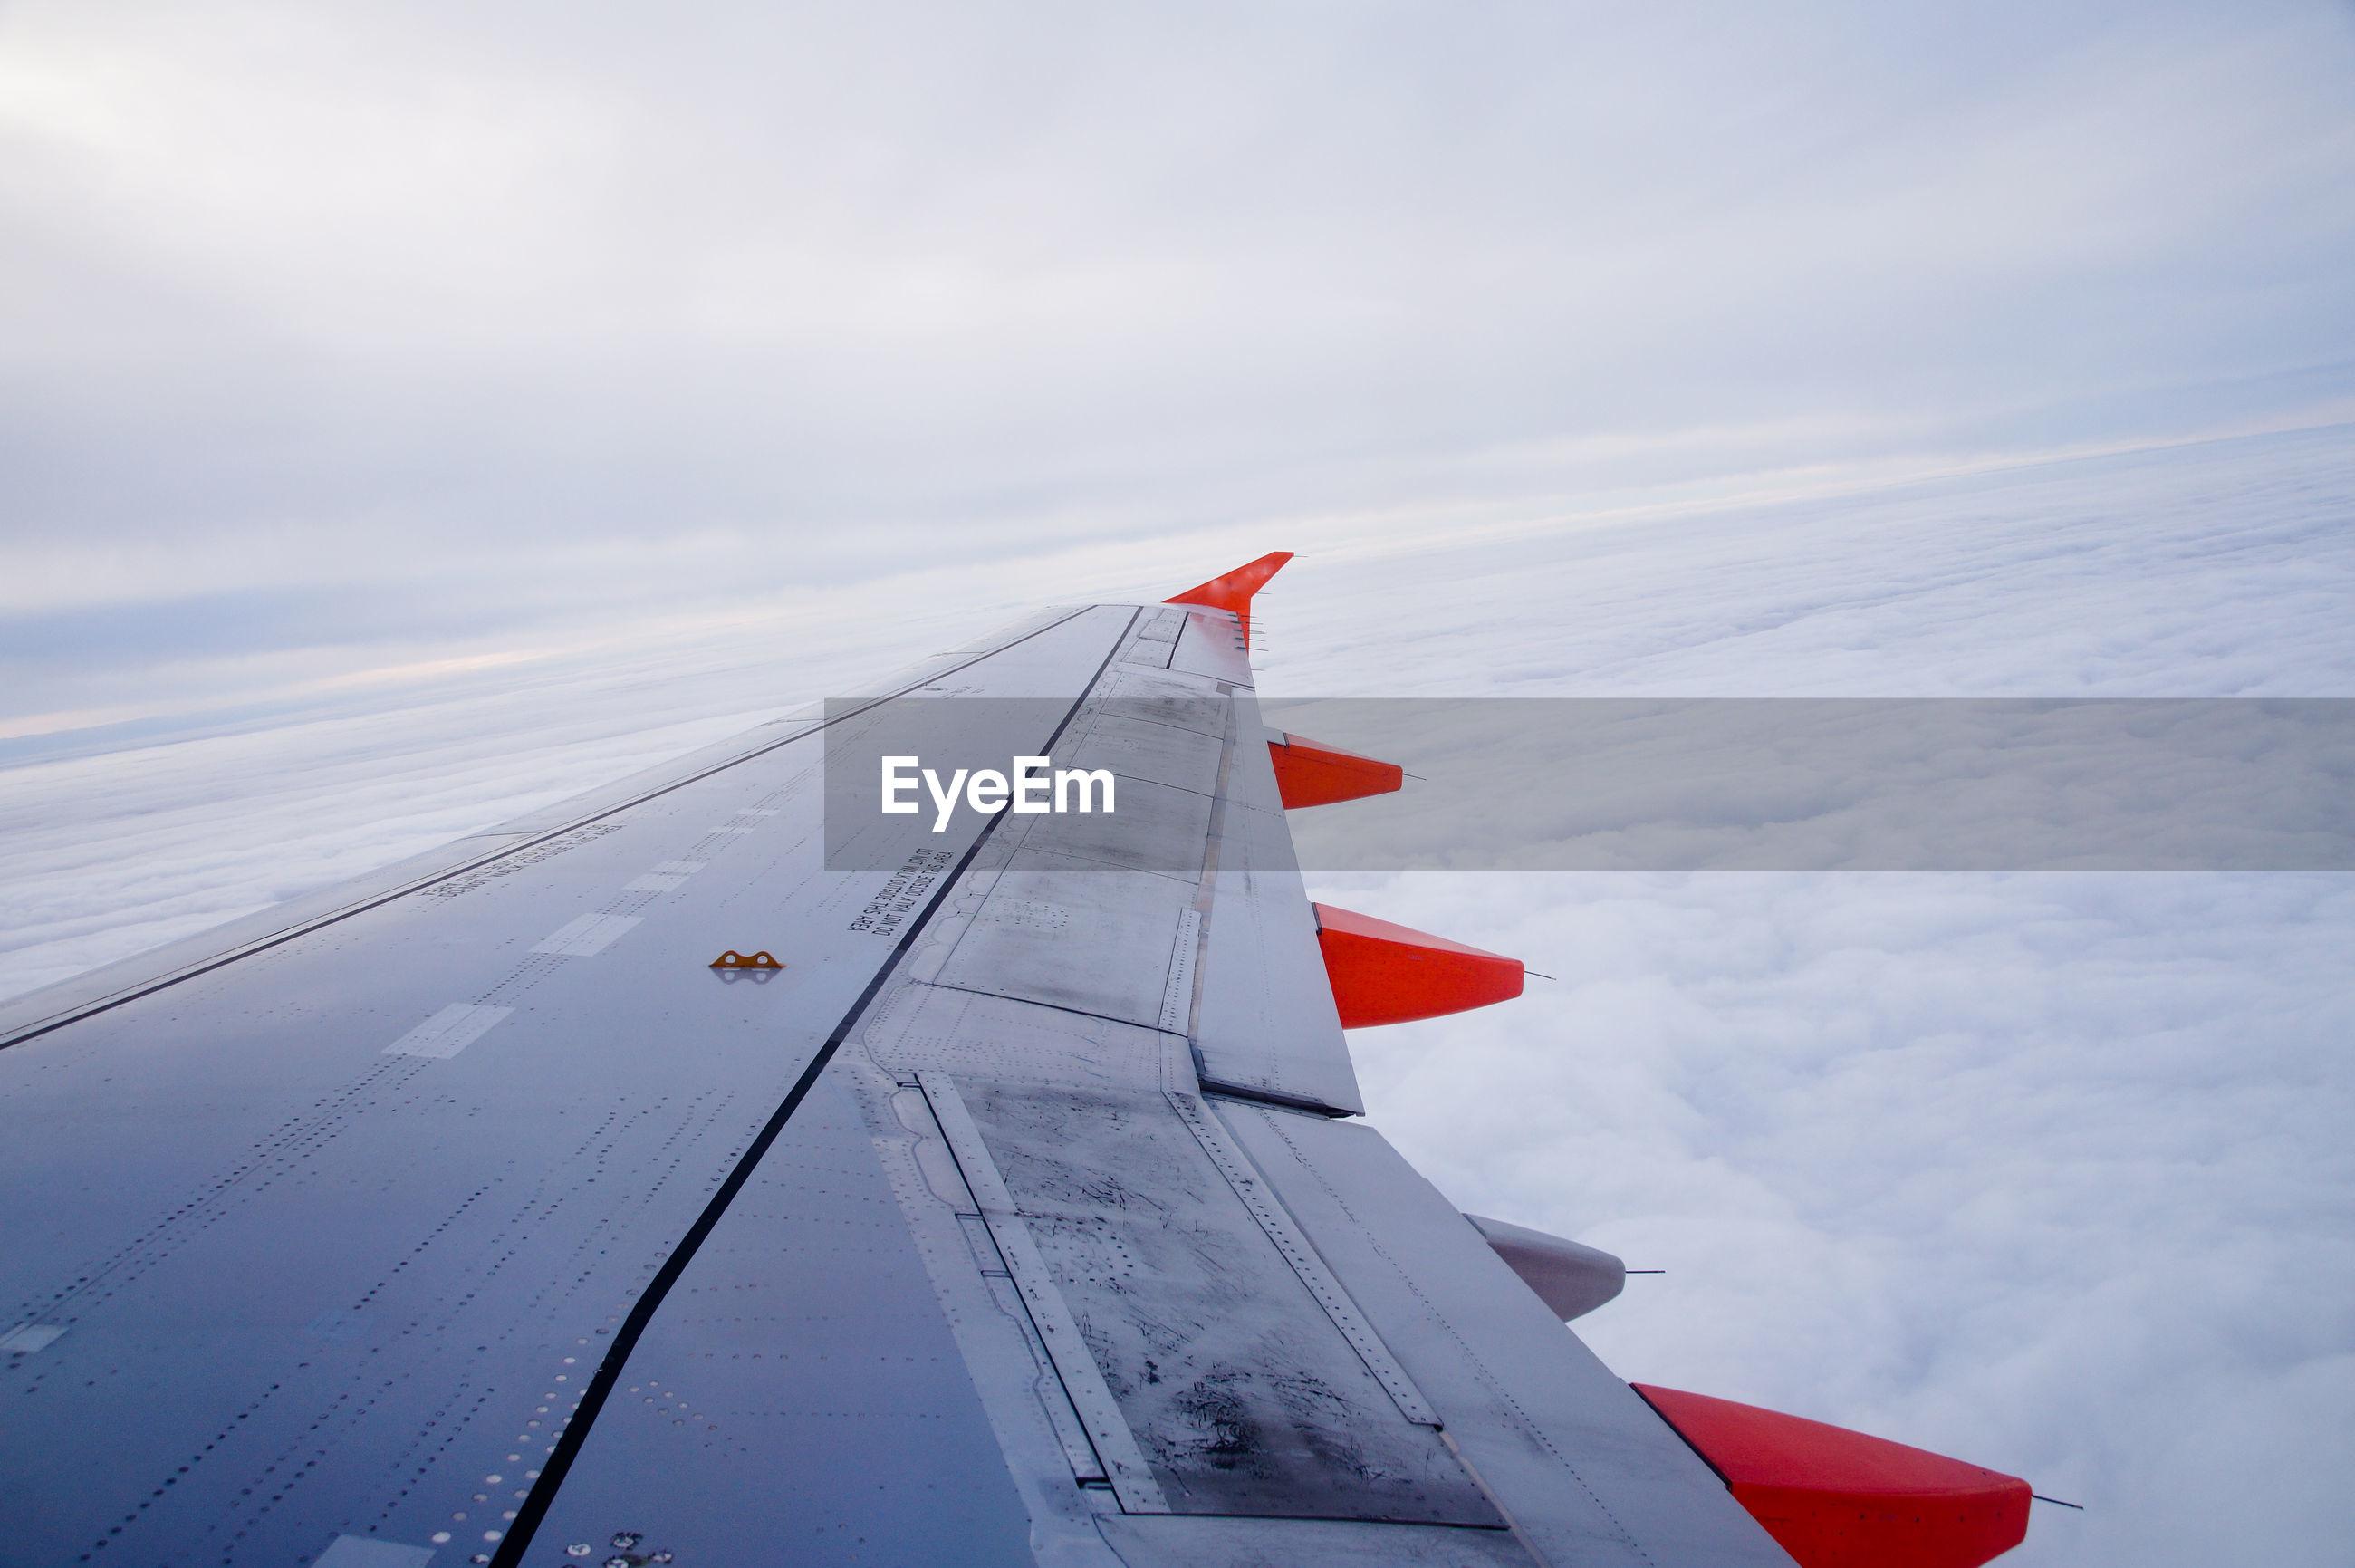 Close-up of aircraft wing